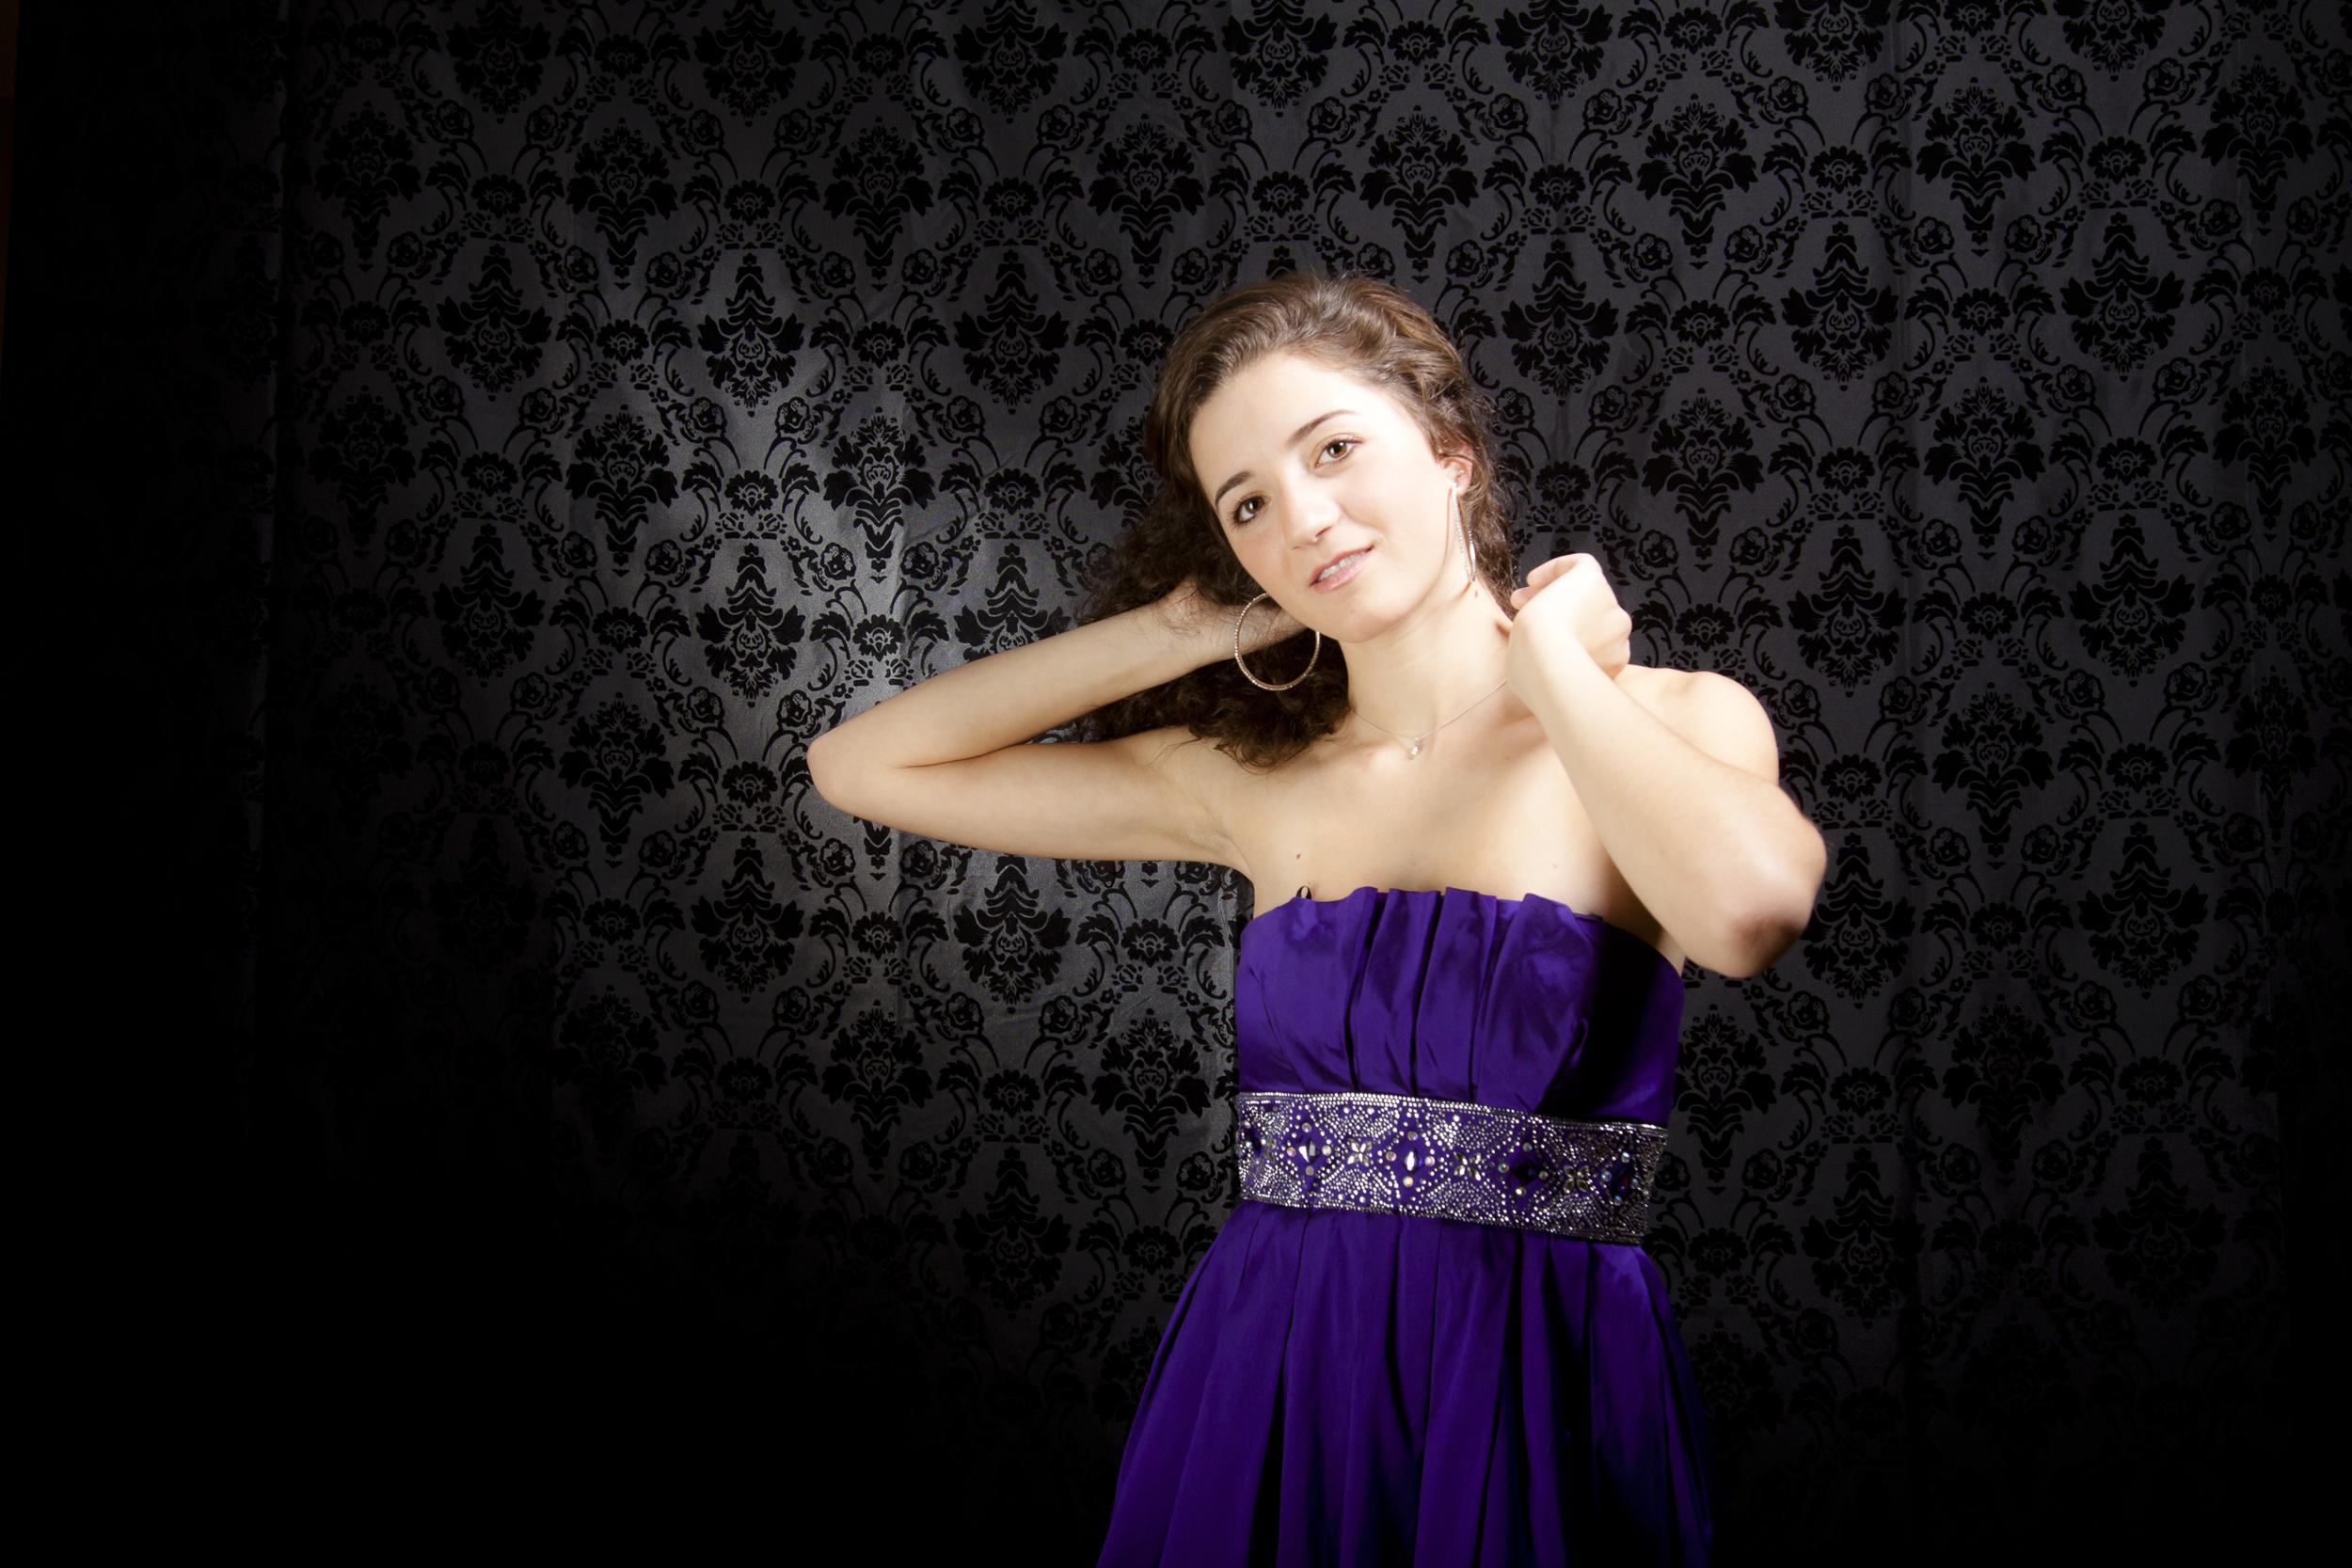 24 modern styled senior portrait session prom dress fixing hair on black background 9046.jpg